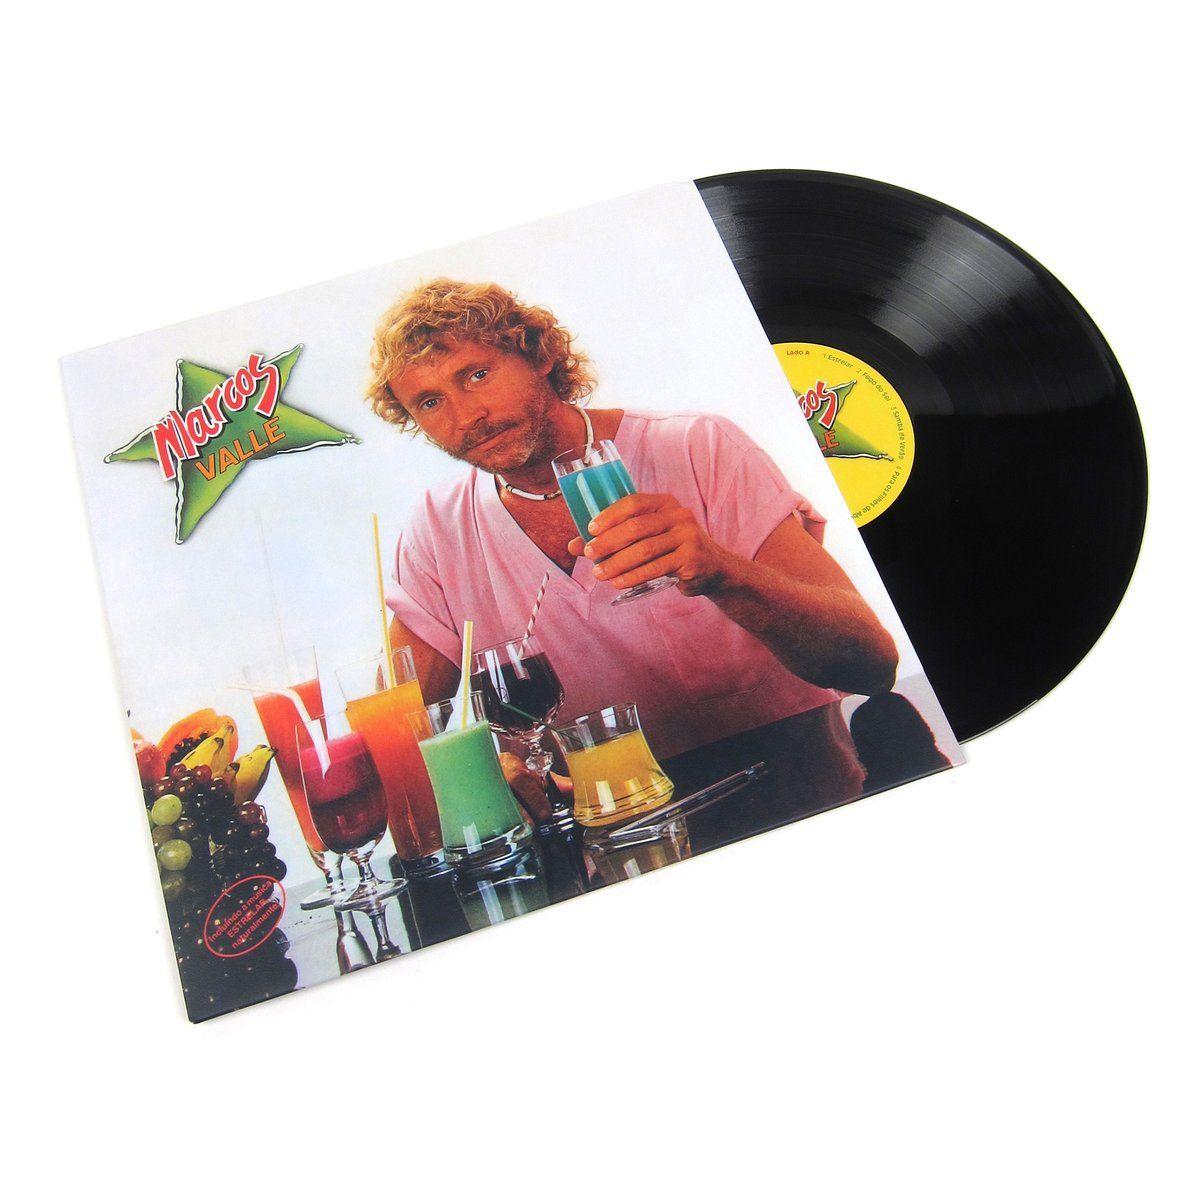 Marcos Valle Marcos Valle Vinyl Lp Better Music Vinyl Music Store